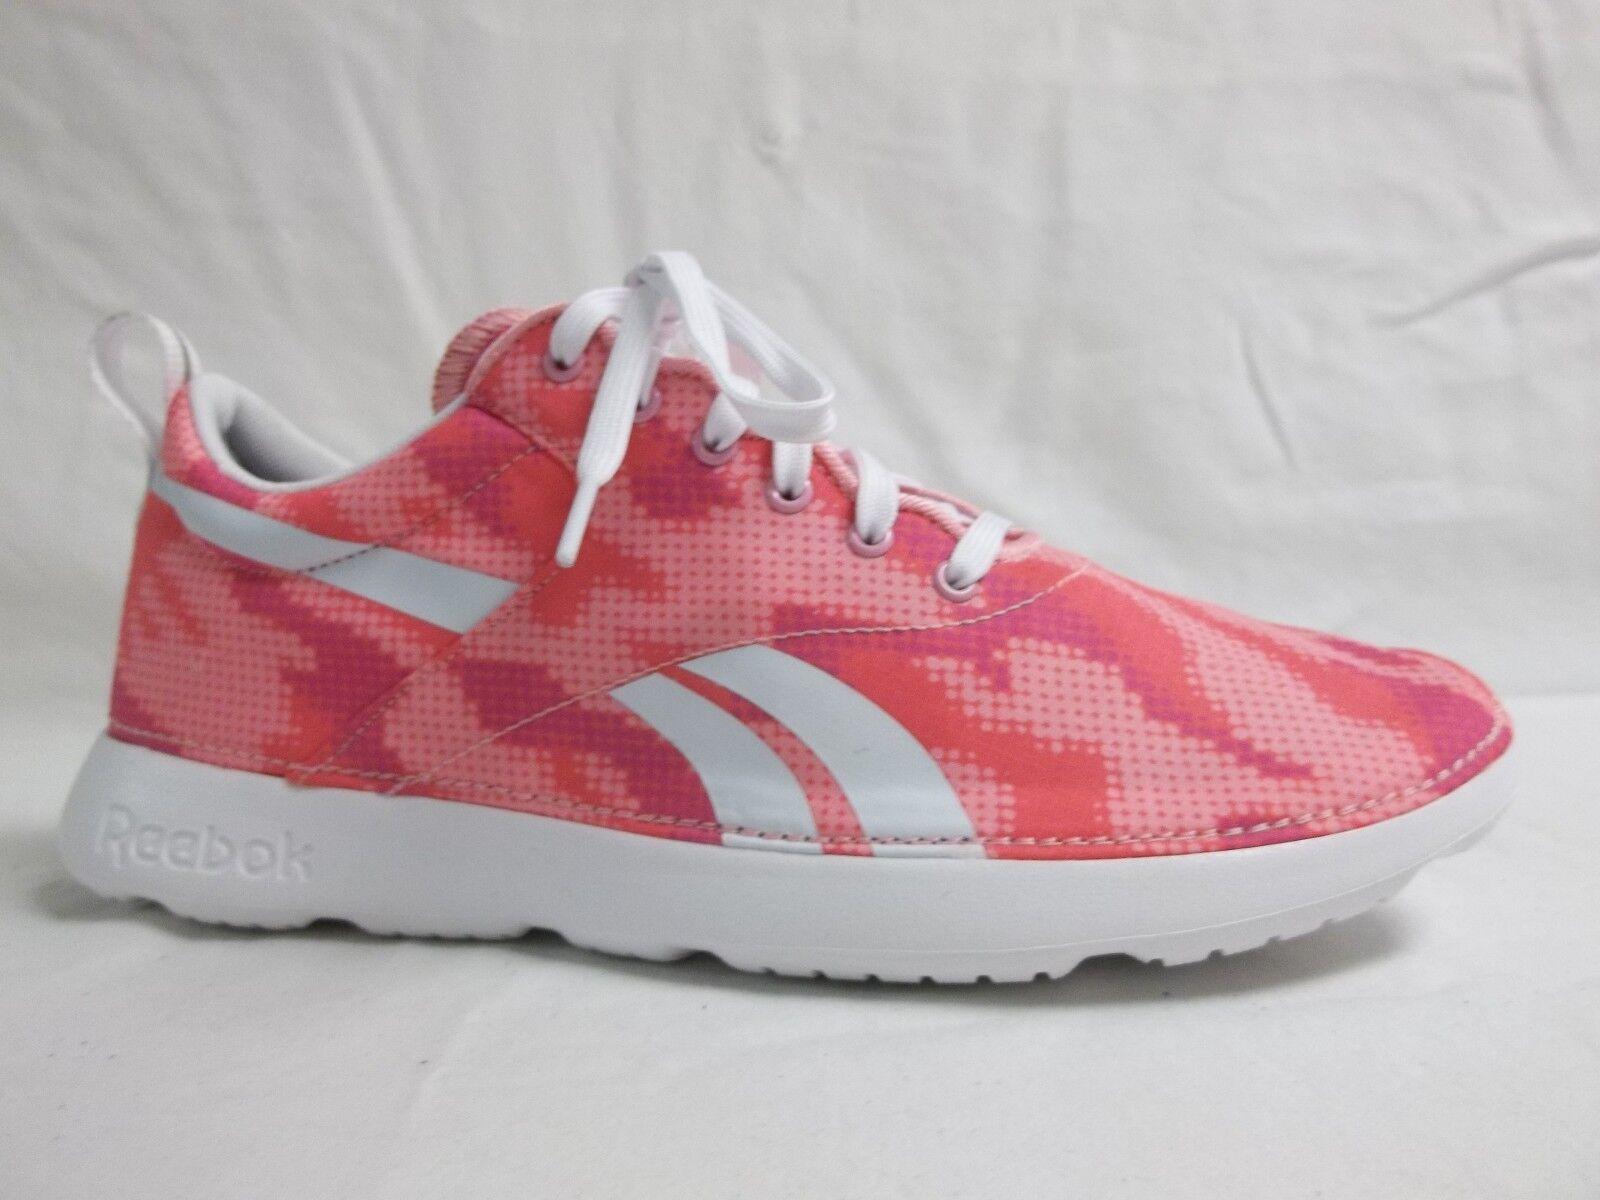 Reebok Größe 8.5 M Royal Simple Light Pink Running Sneakers NEU Damenschuhe Schuhes NWOB